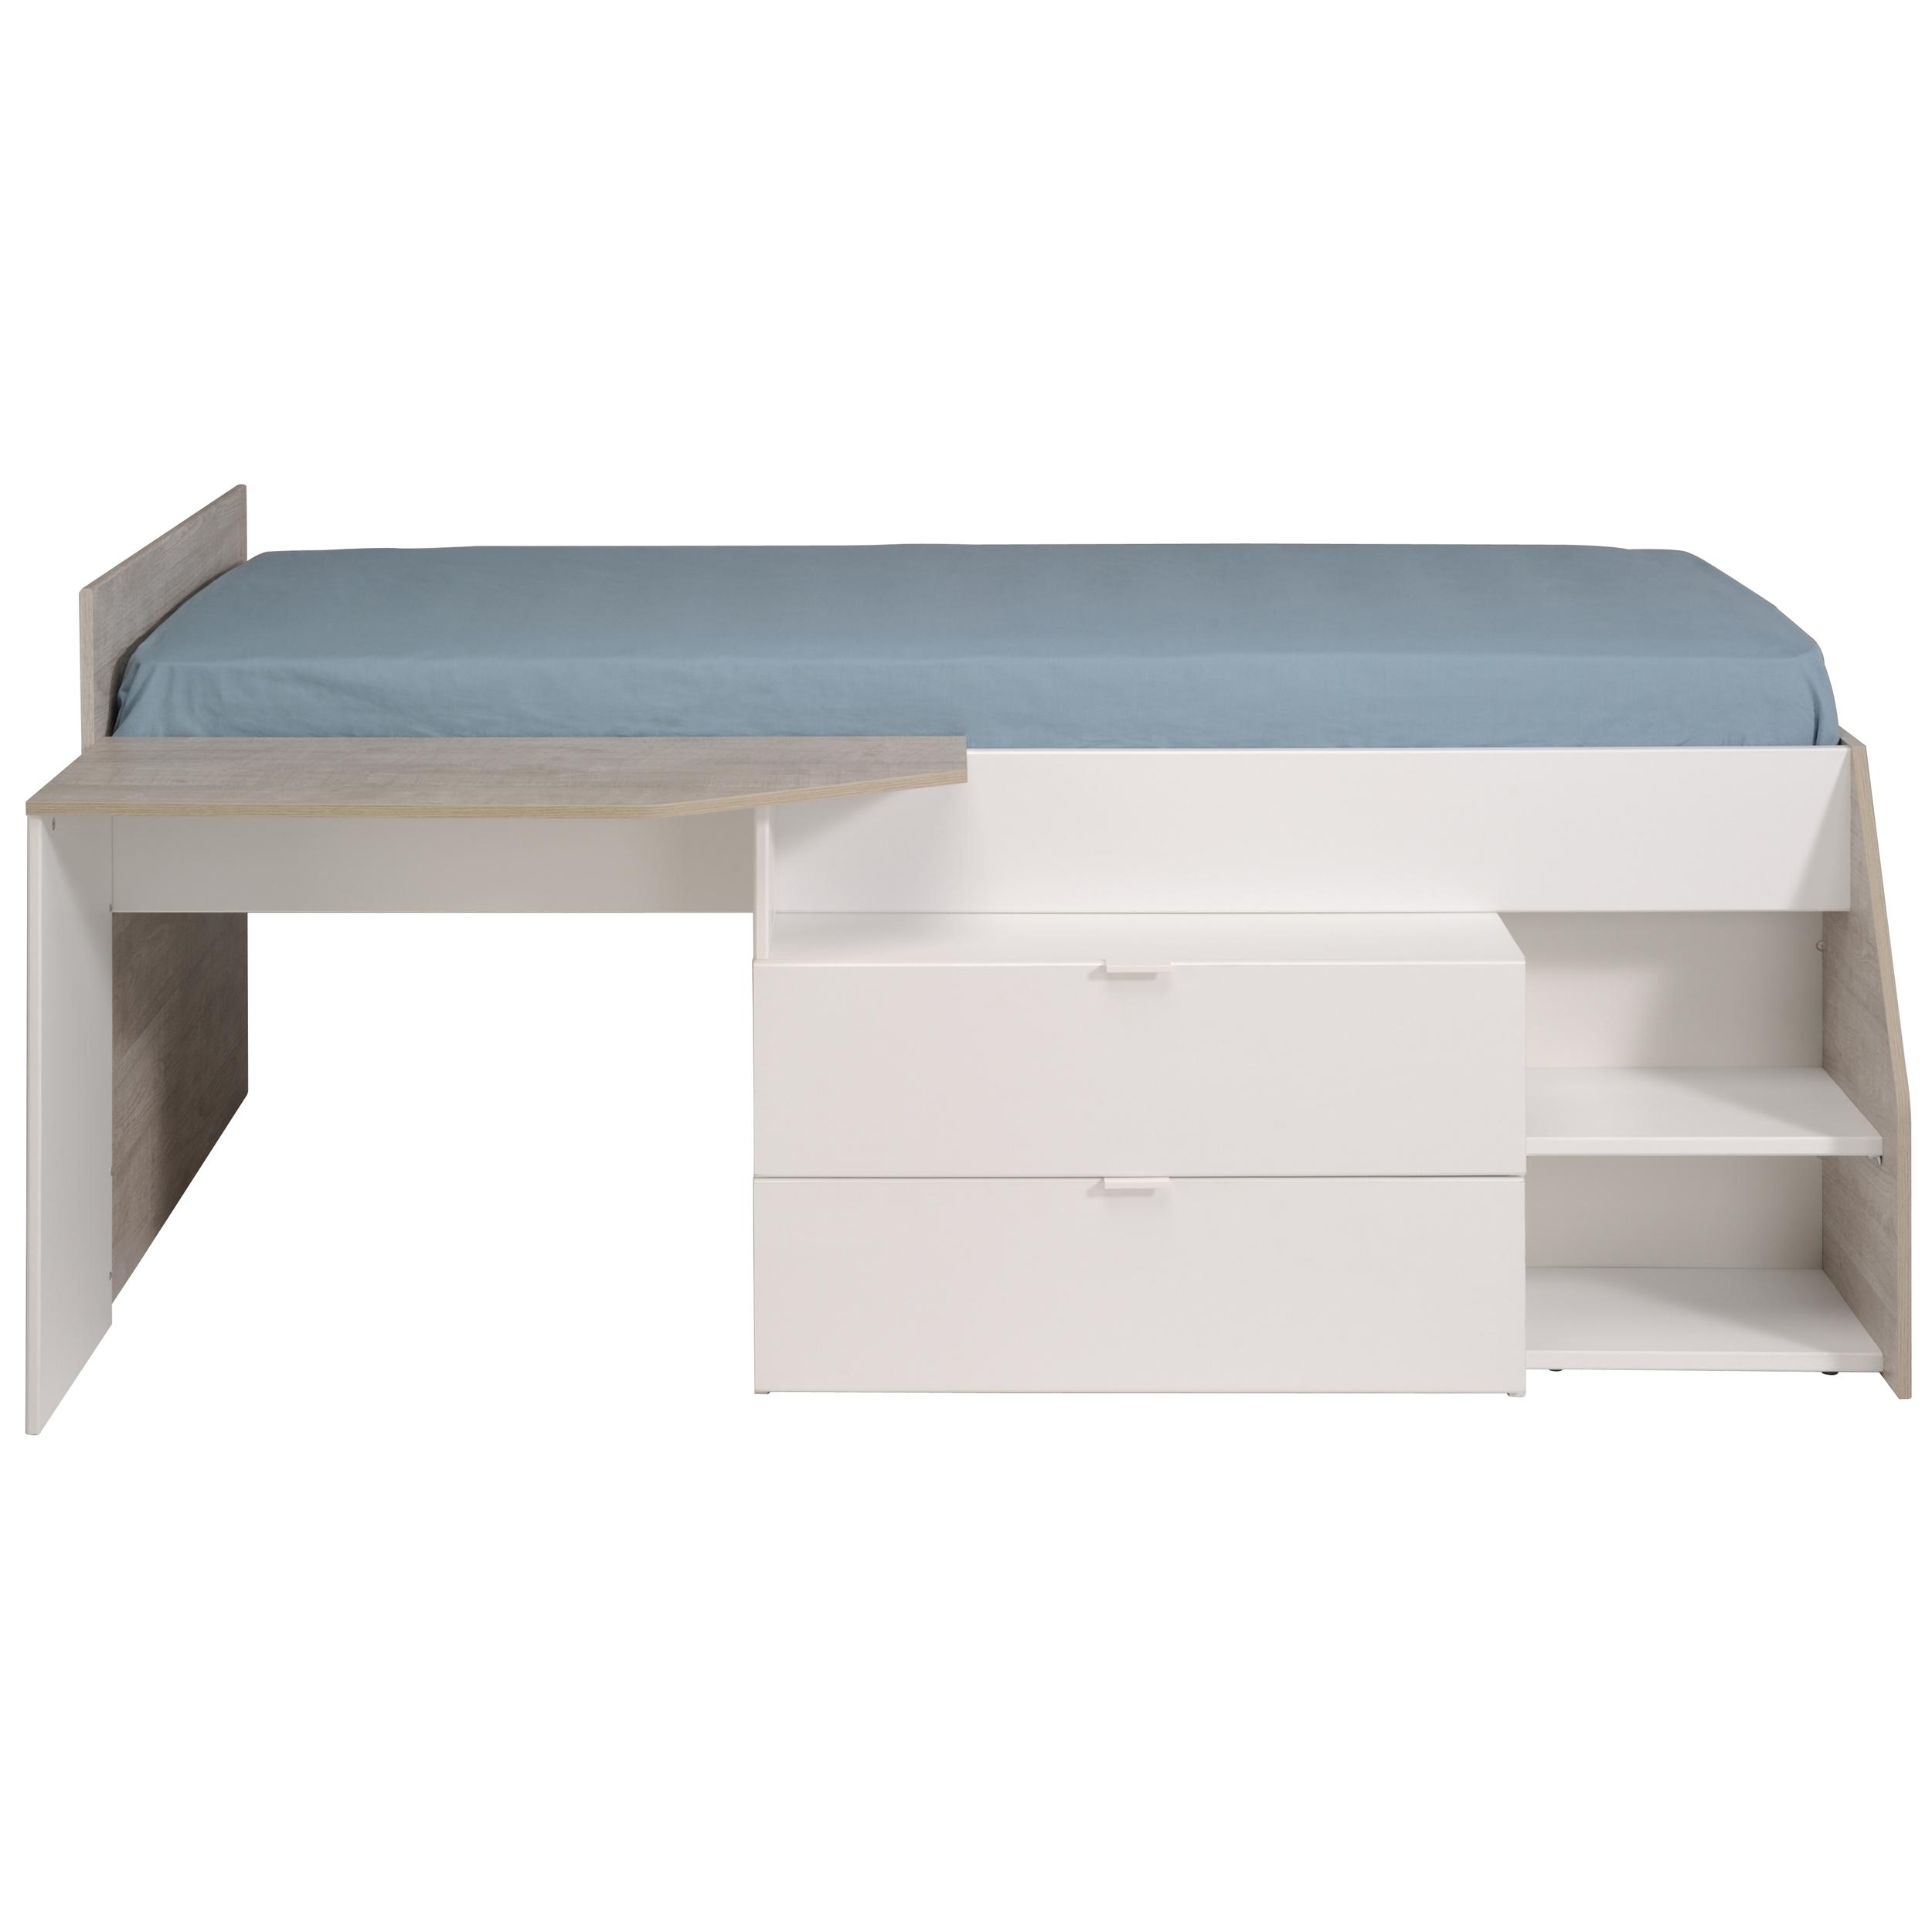 90x200 hochbett inkl schreibtisch u 2 schubladen milky b von parisot wei grey loft. Black Bedroom Furniture Sets. Home Design Ideas